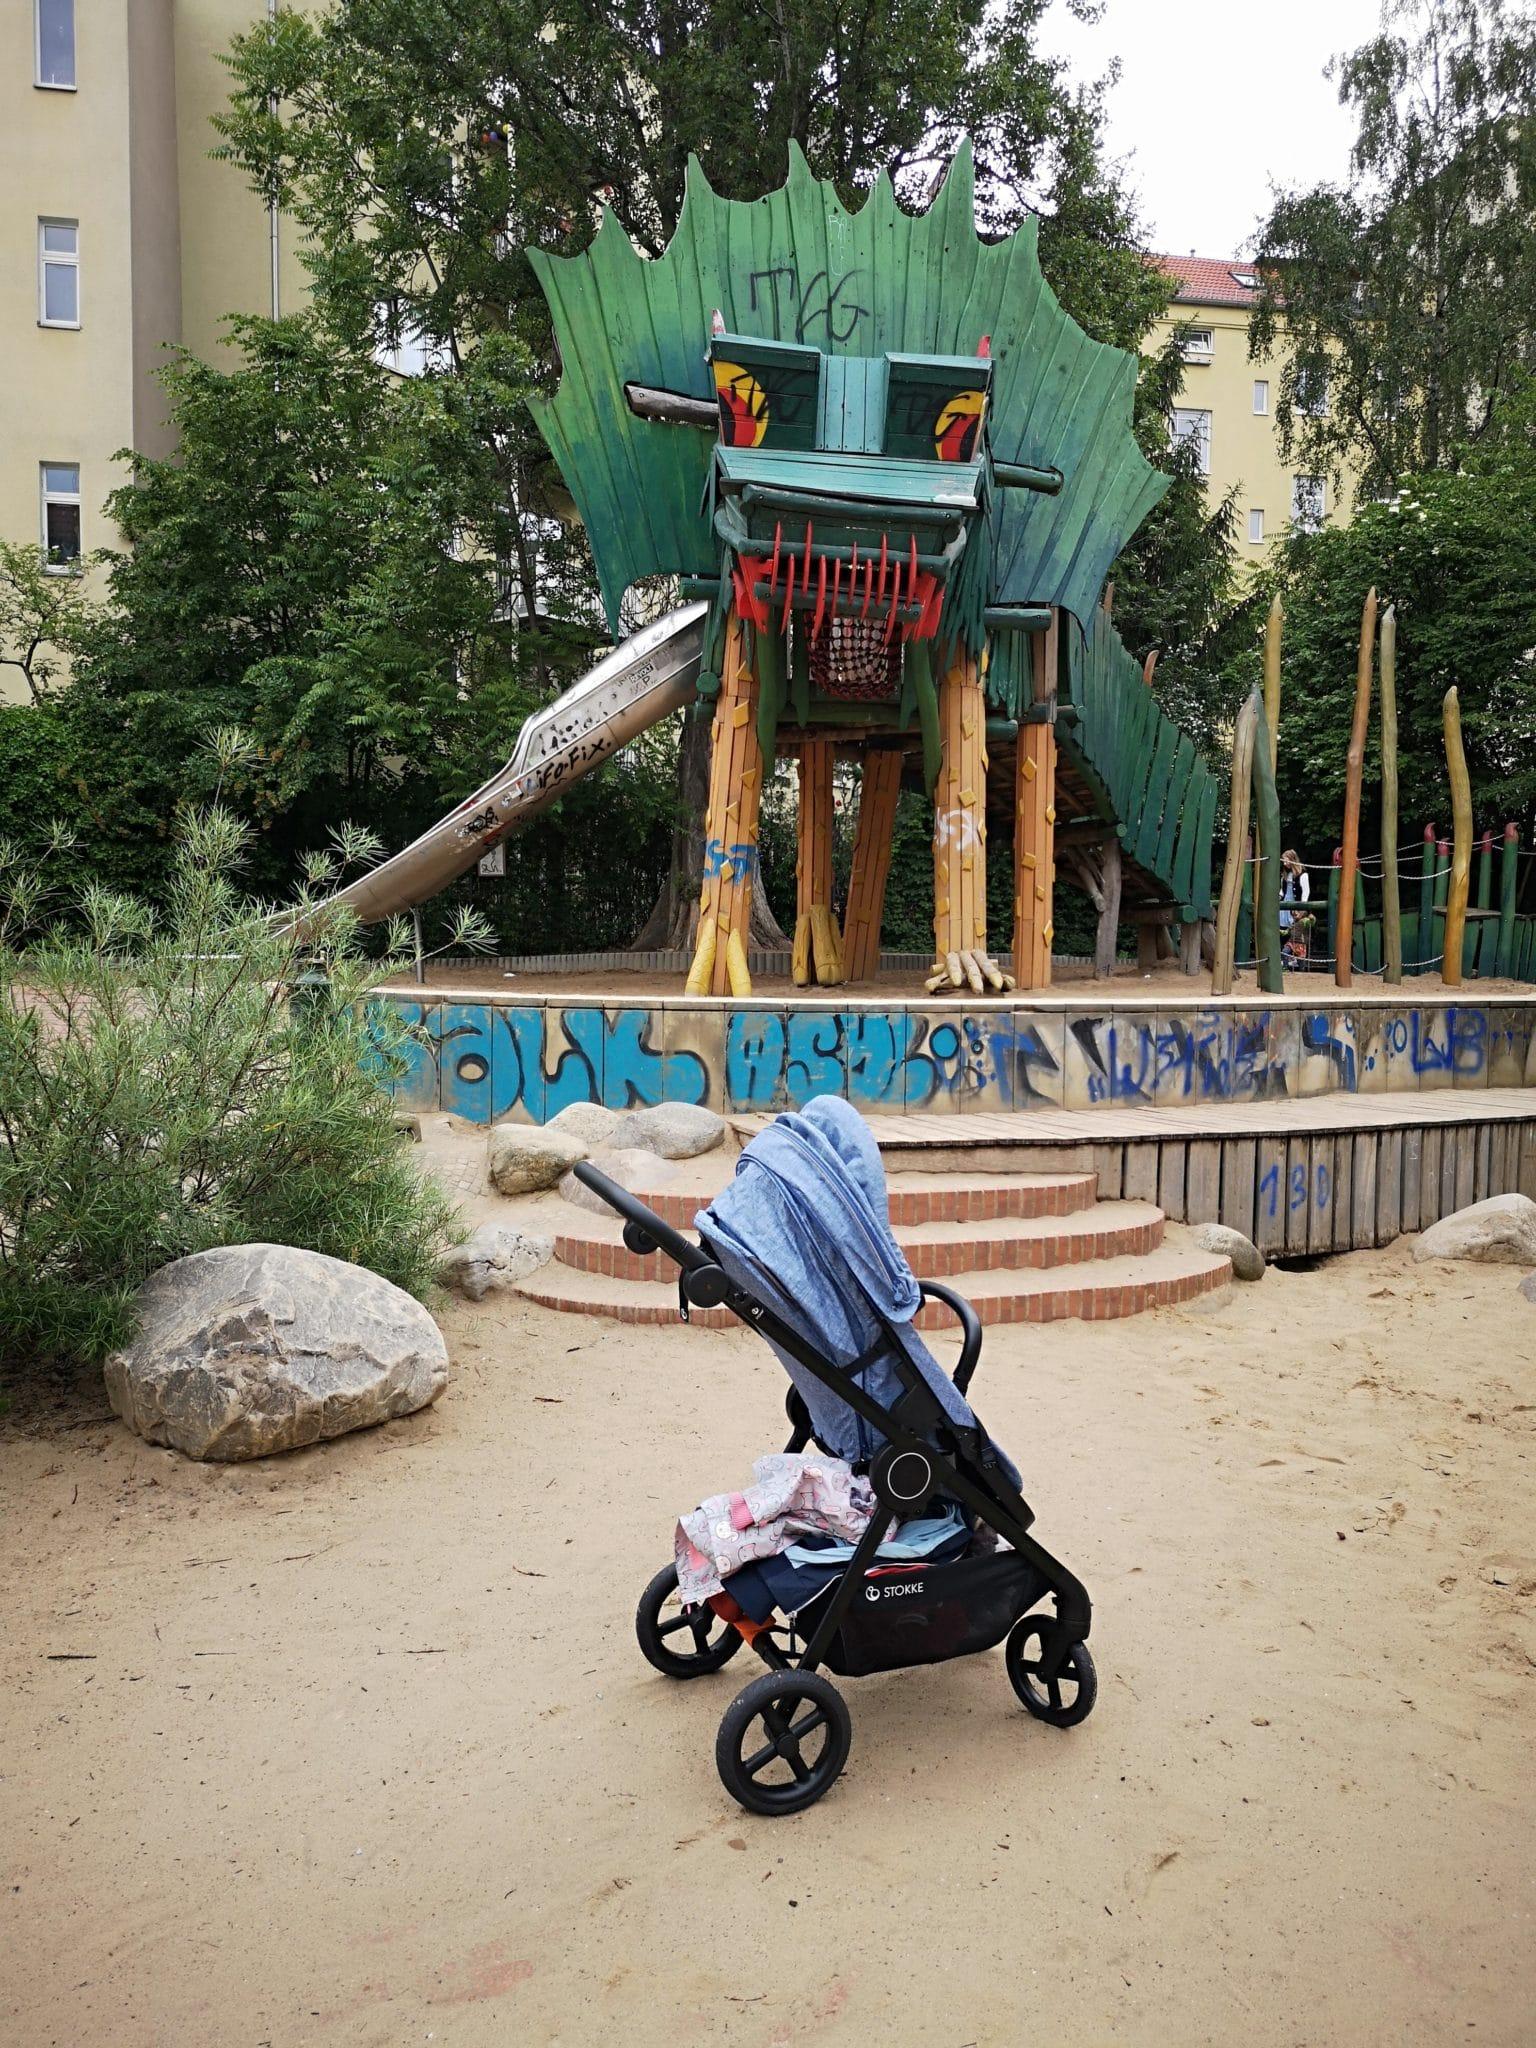 ein Kinderwagen auf einem Spielplatz mit einem Drachenkopf